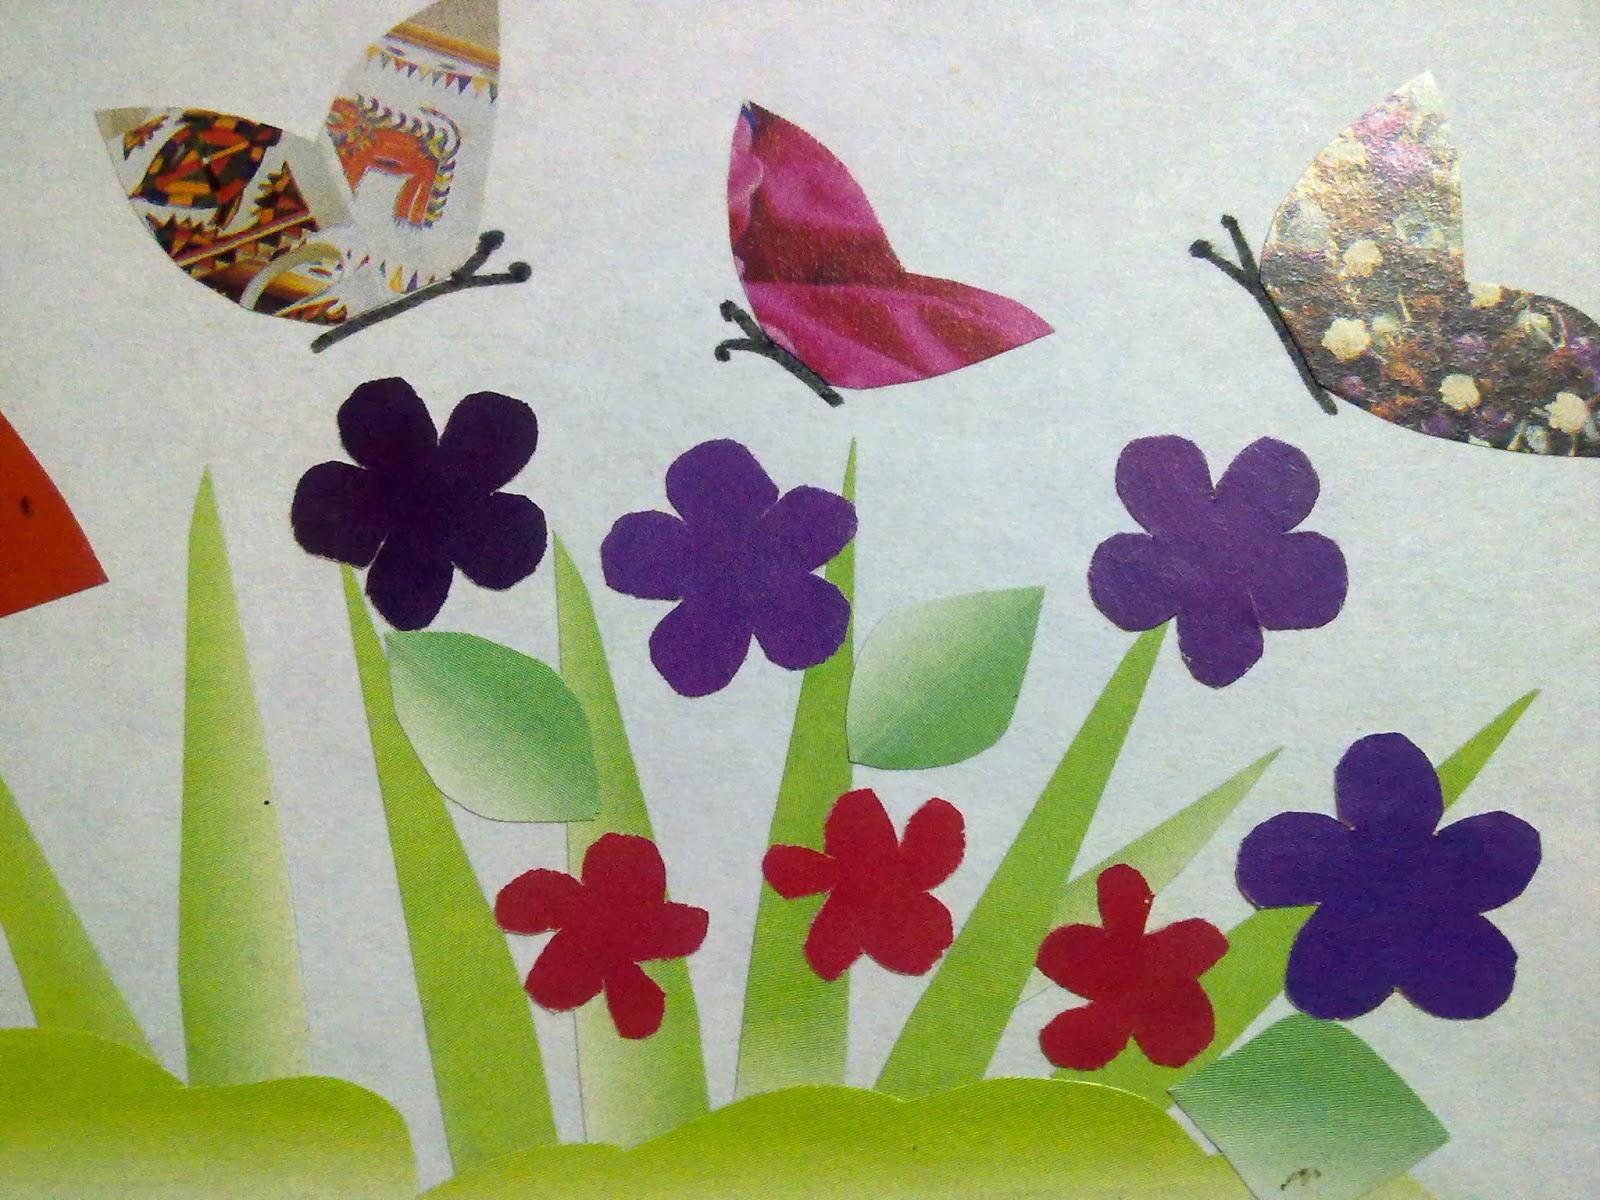 Craft & art : Mushrooms and butterflies of paper art /# paper ...